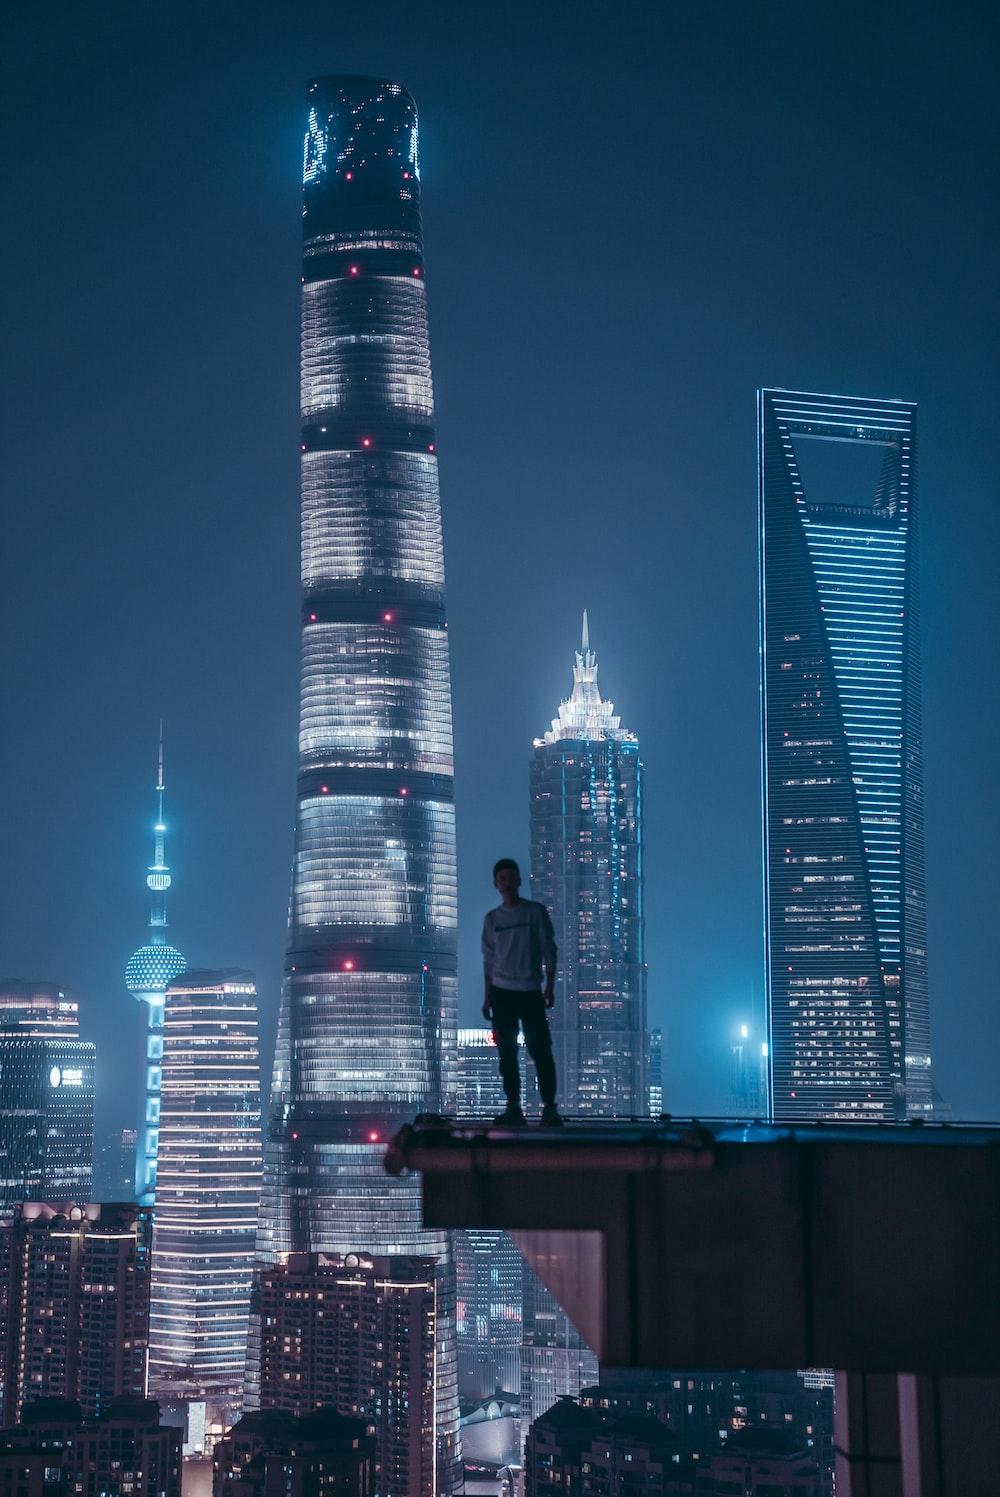 man standing on top of skyscraper